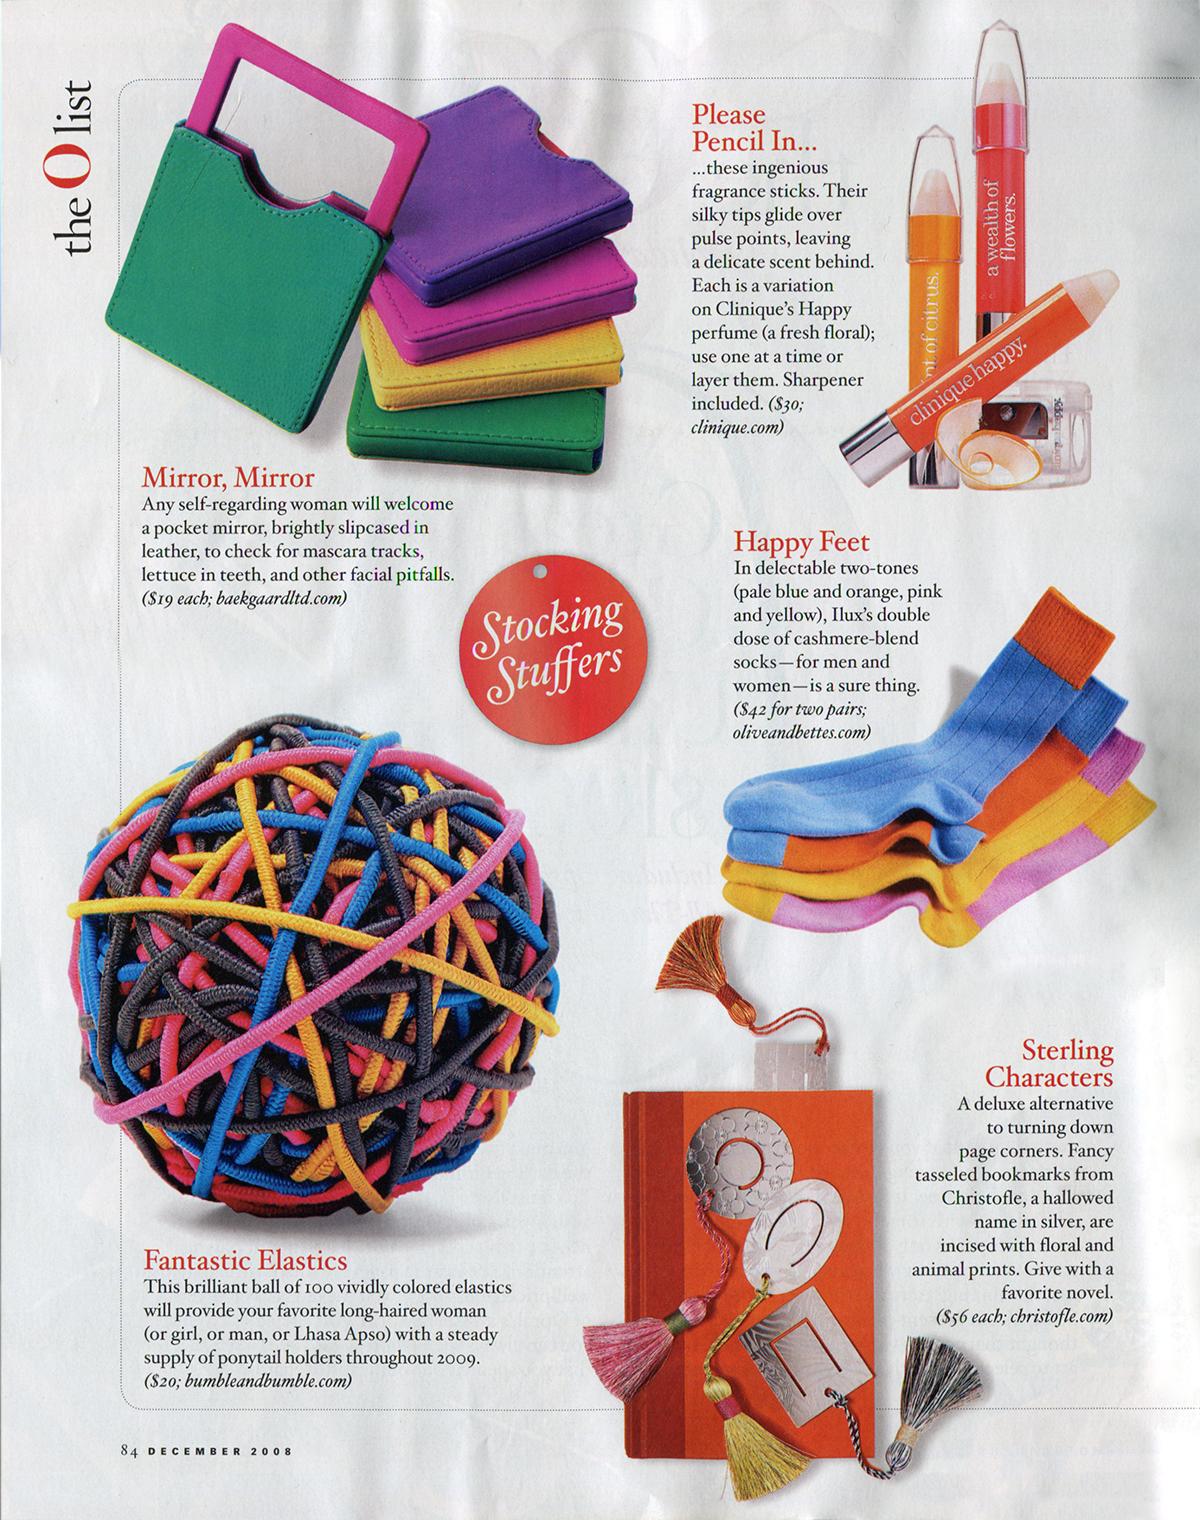 O Magazine December 2008